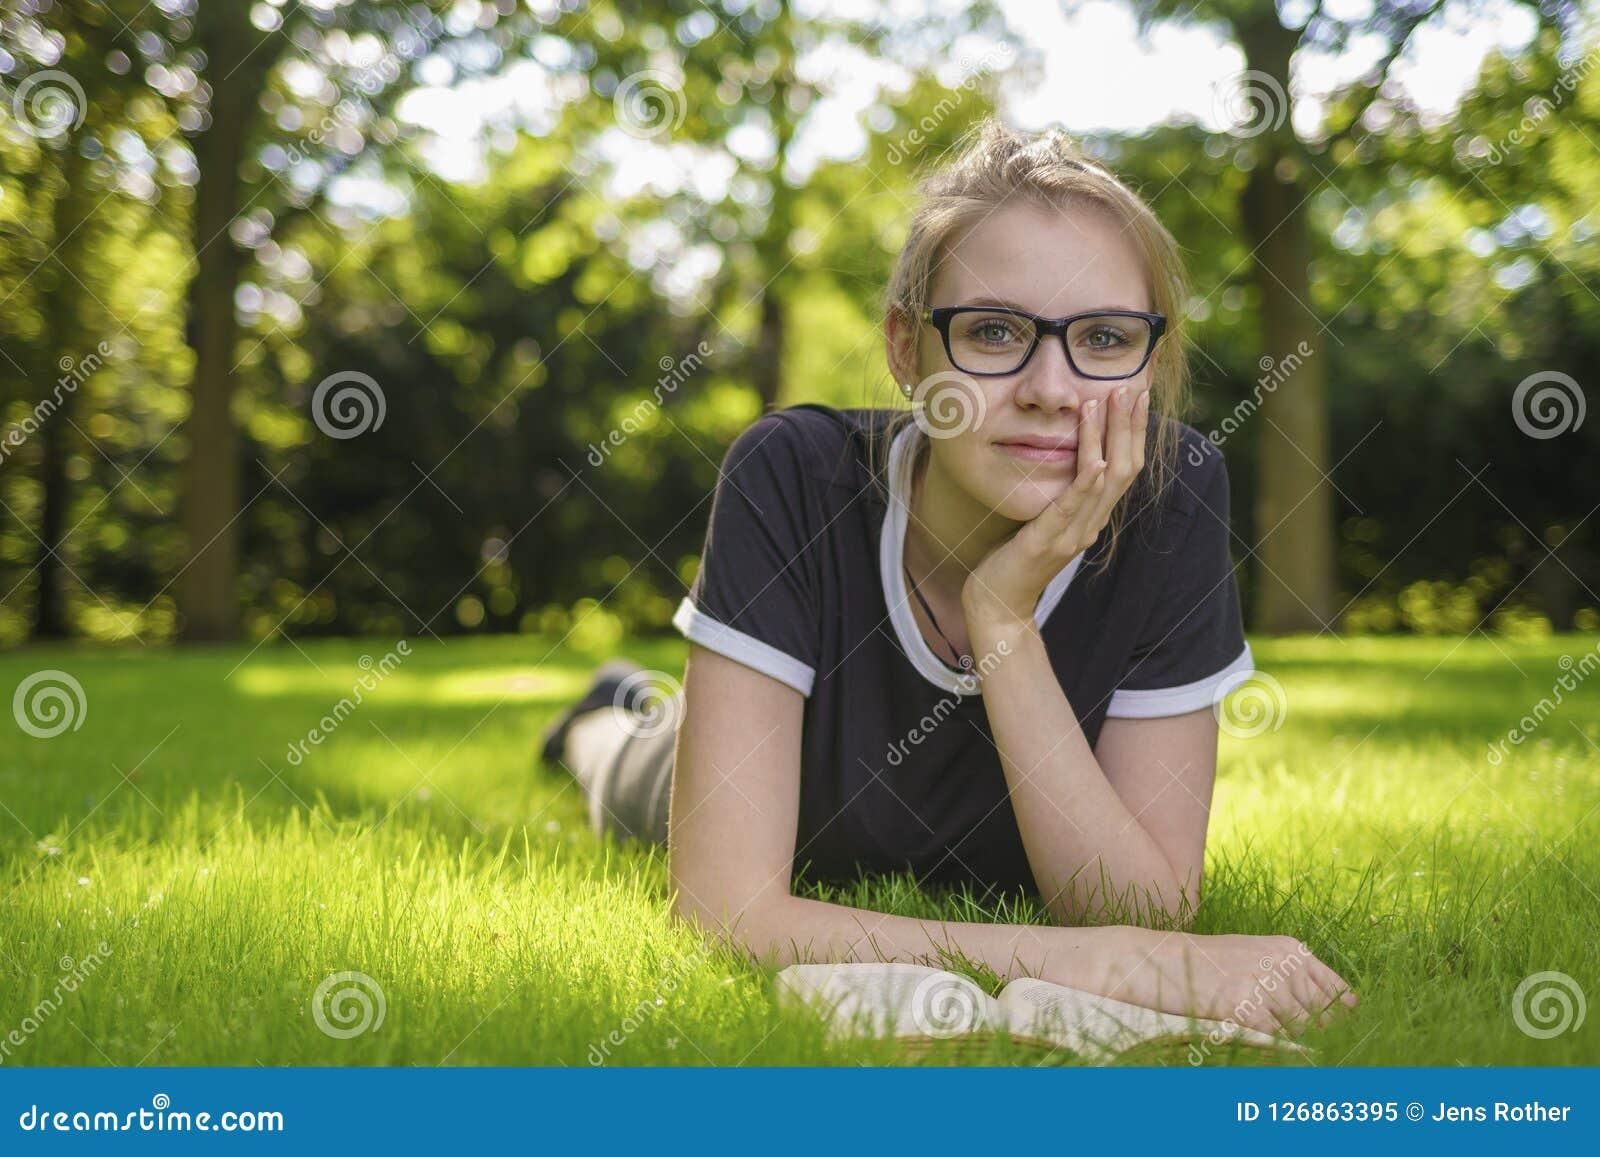 Портрет молодой женщины смотря заботливый